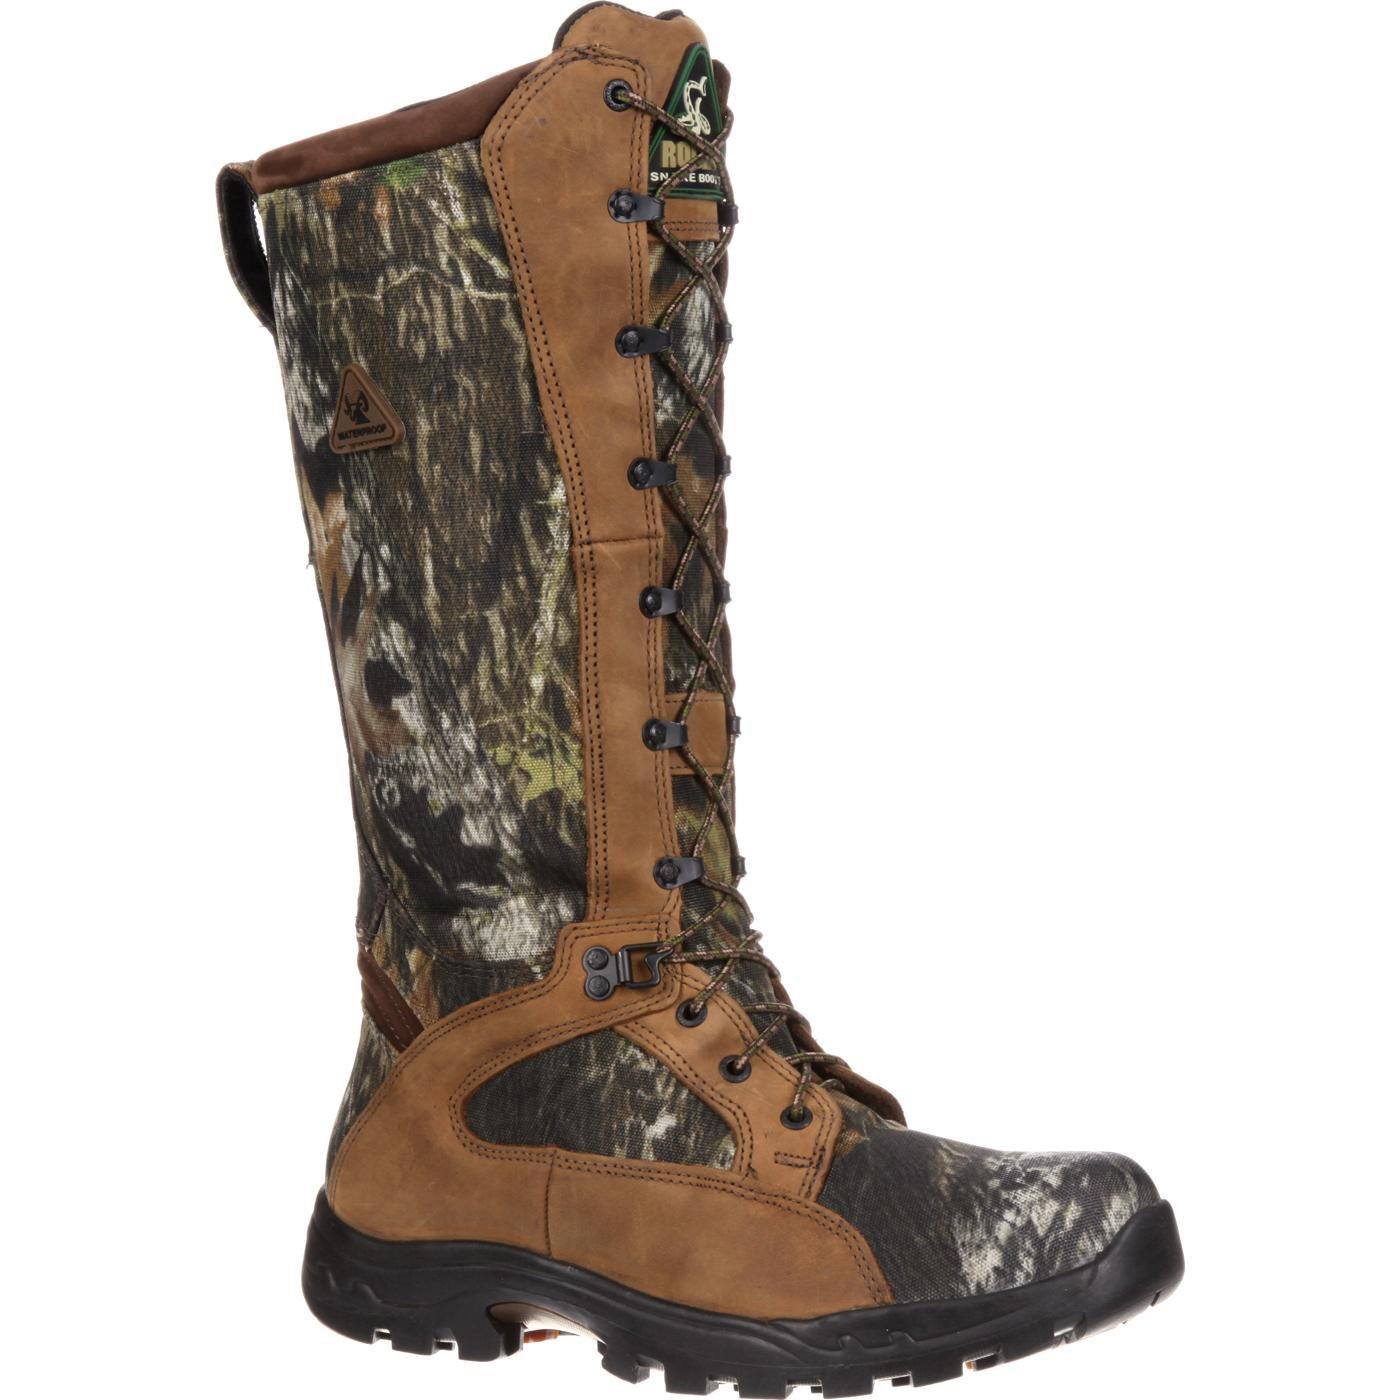 Rocky Outdoor Boot Mens 16'' Prolight Waterproof Snake 9 WI Mossy Oak FQ0001570